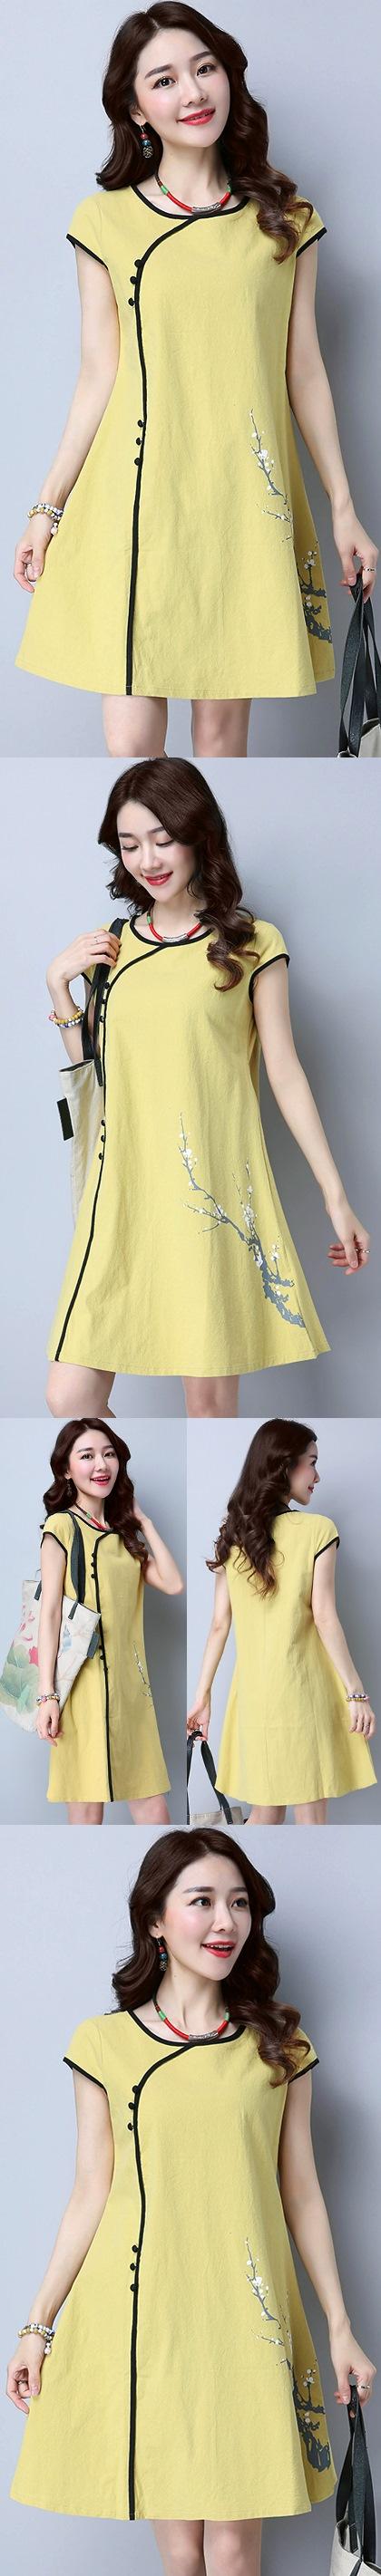 民族風情碗袖連衣裙-黃色 (成衣)